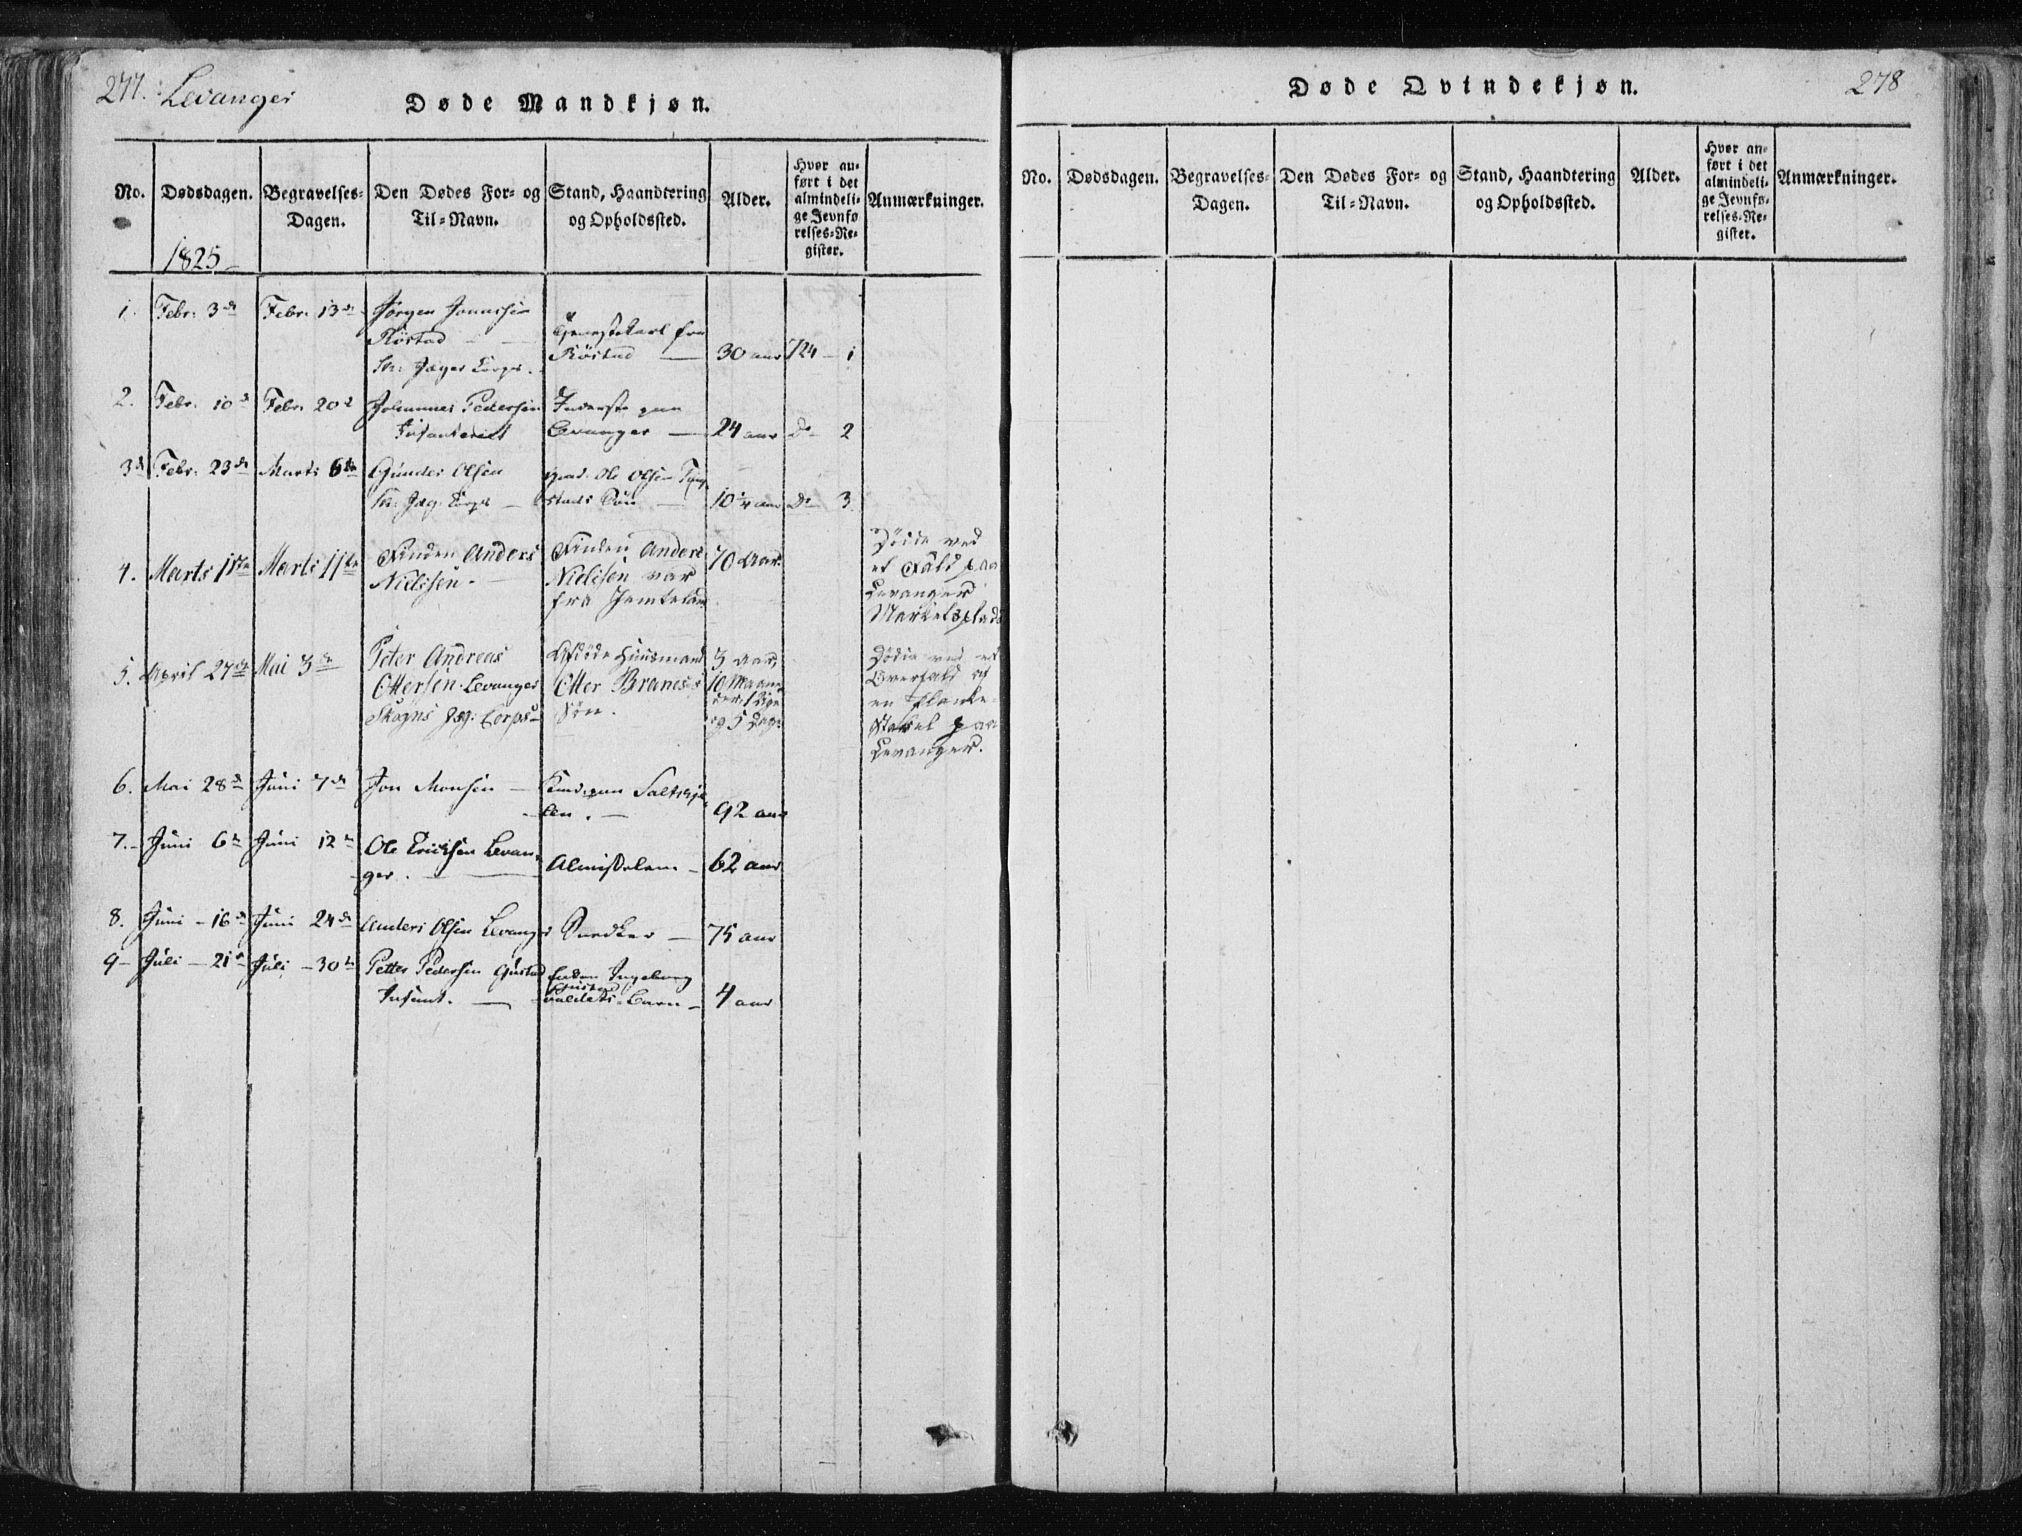 SAT, Ministerialprotokoller, klokkerbøker og fødselsregistre - Nord-Trøndelag, 717/L0148: Ministerialbok nr. 717A04 /2, 1816-1825, s. 277-278